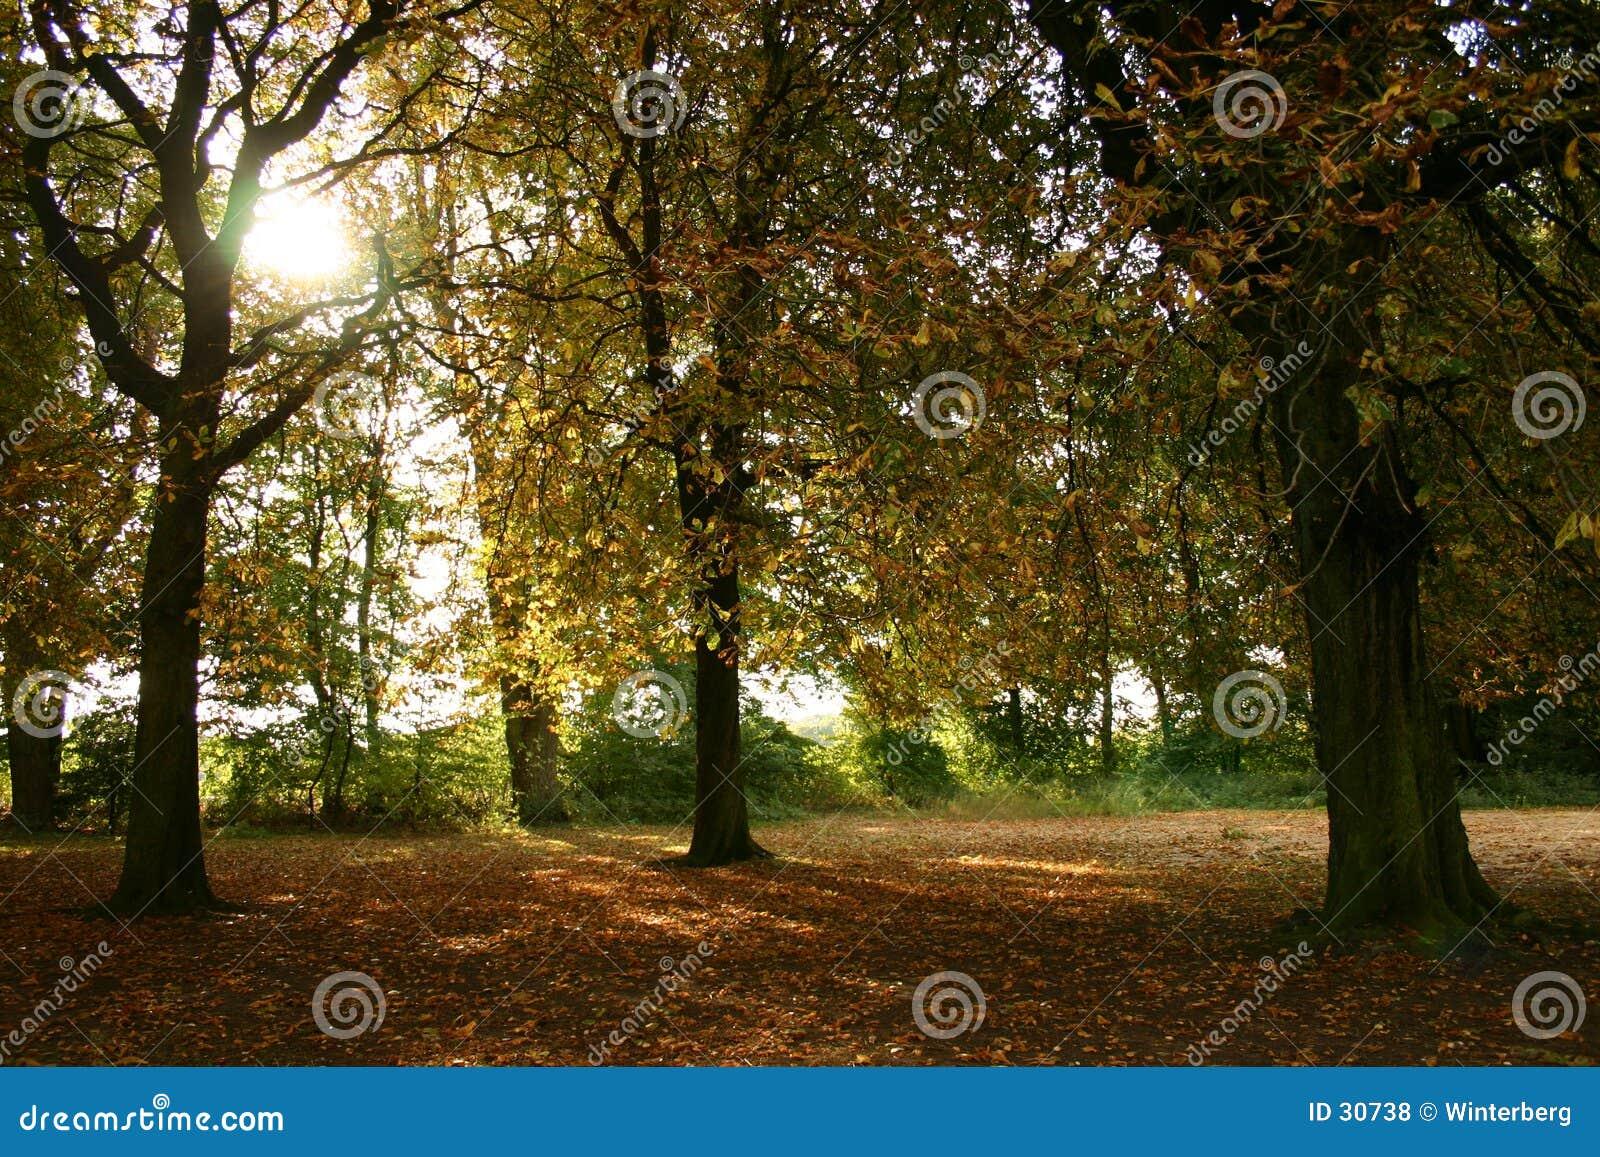 Download Herbst-Tag I stockfoto. Bild von grün, blätter, herbst, wald - 30738